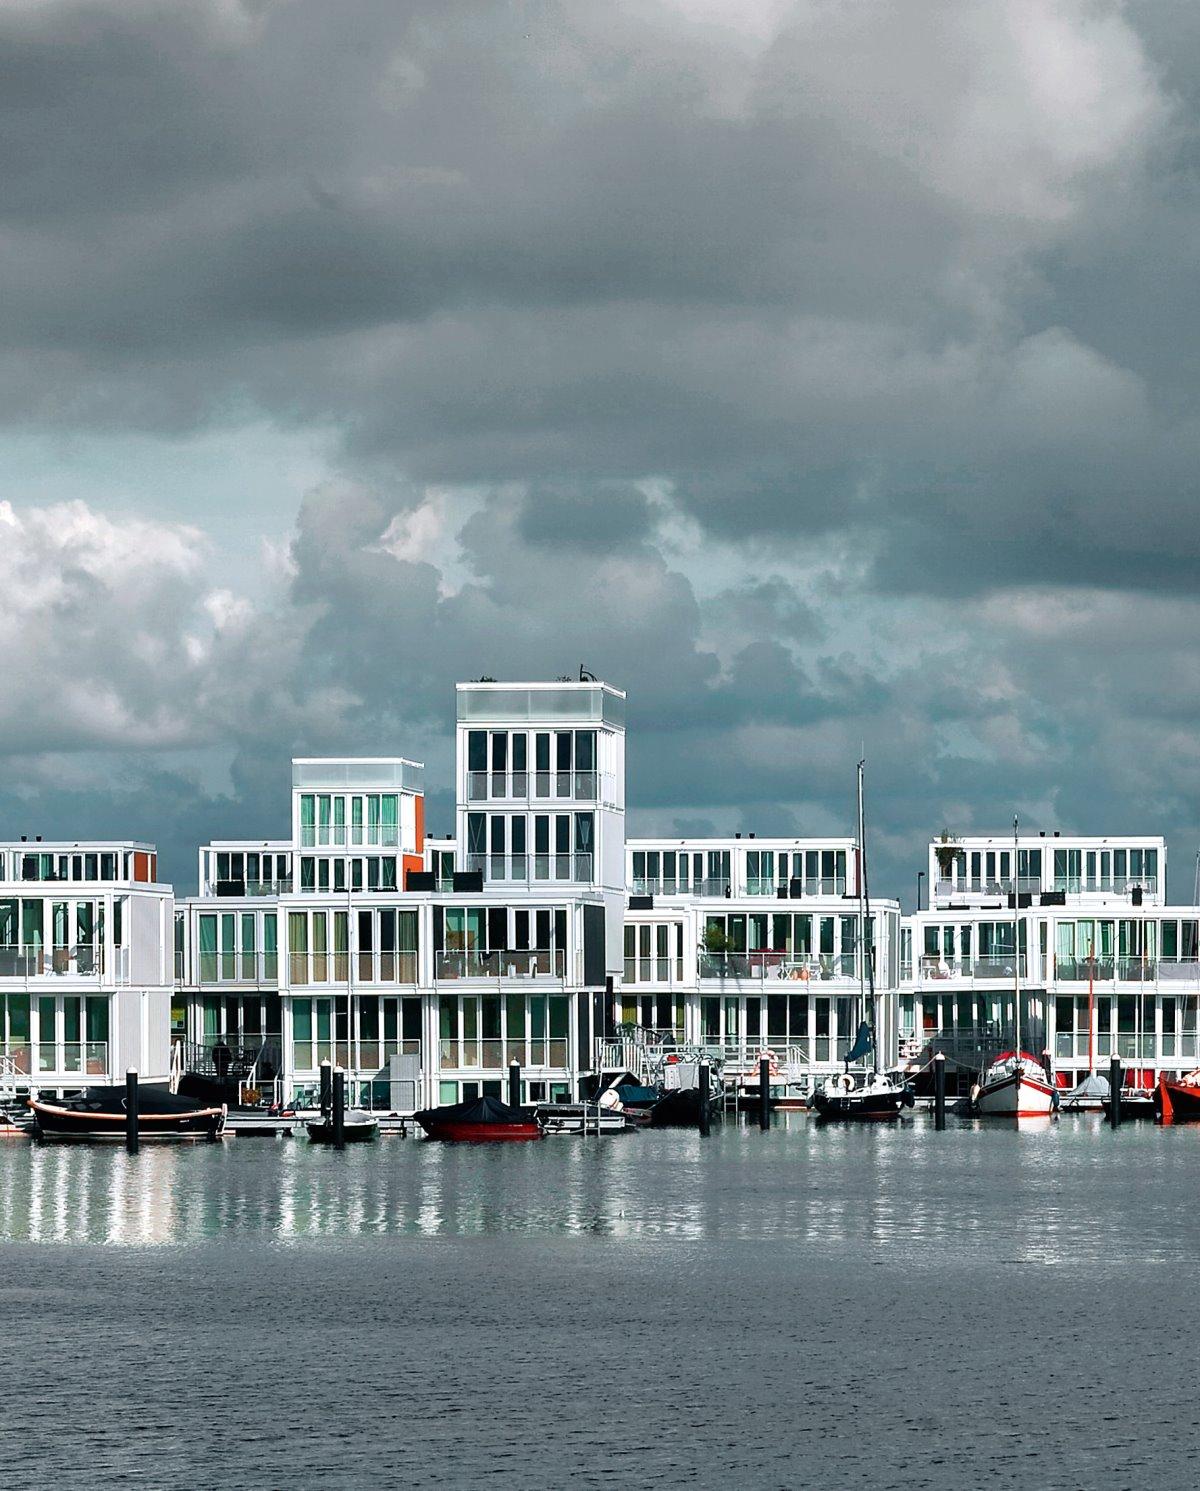 πλωτή γειτονιά Άμστερνταμ με σπίτια που επιπλέουν στο νερό